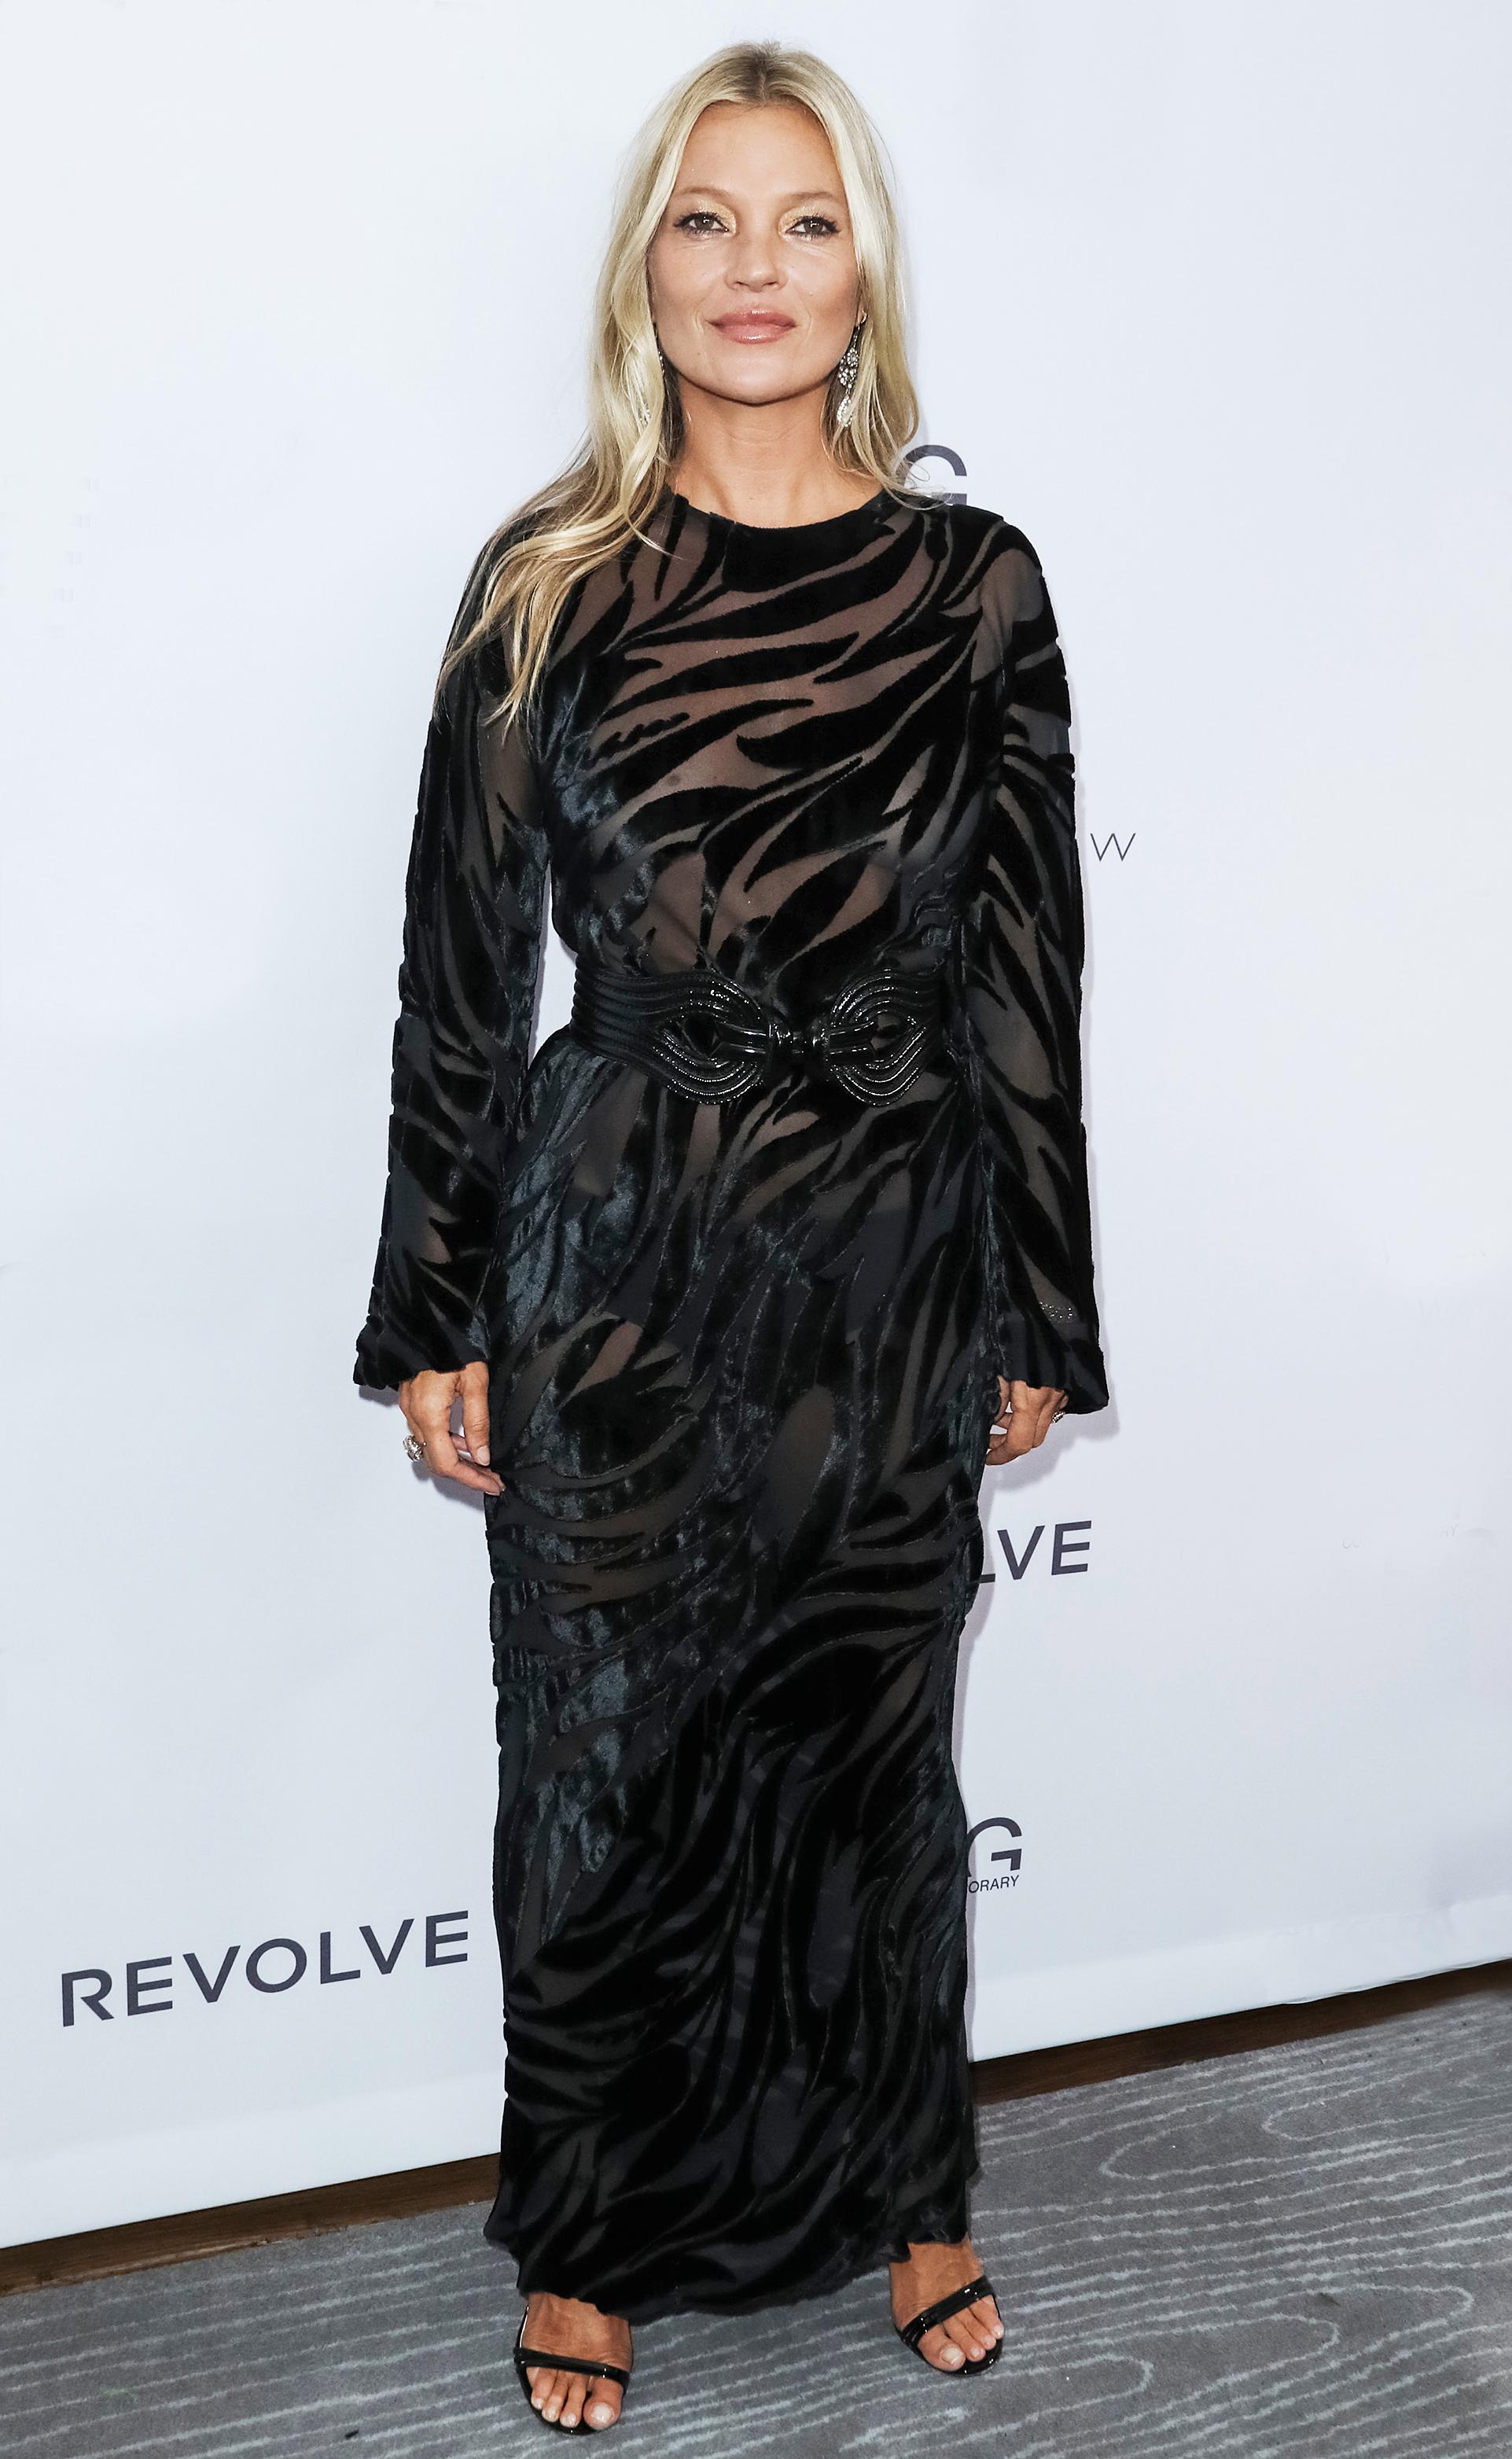 https://www.usmagazine.com/wp content/uploads/2019/09/NYFW Style Kate